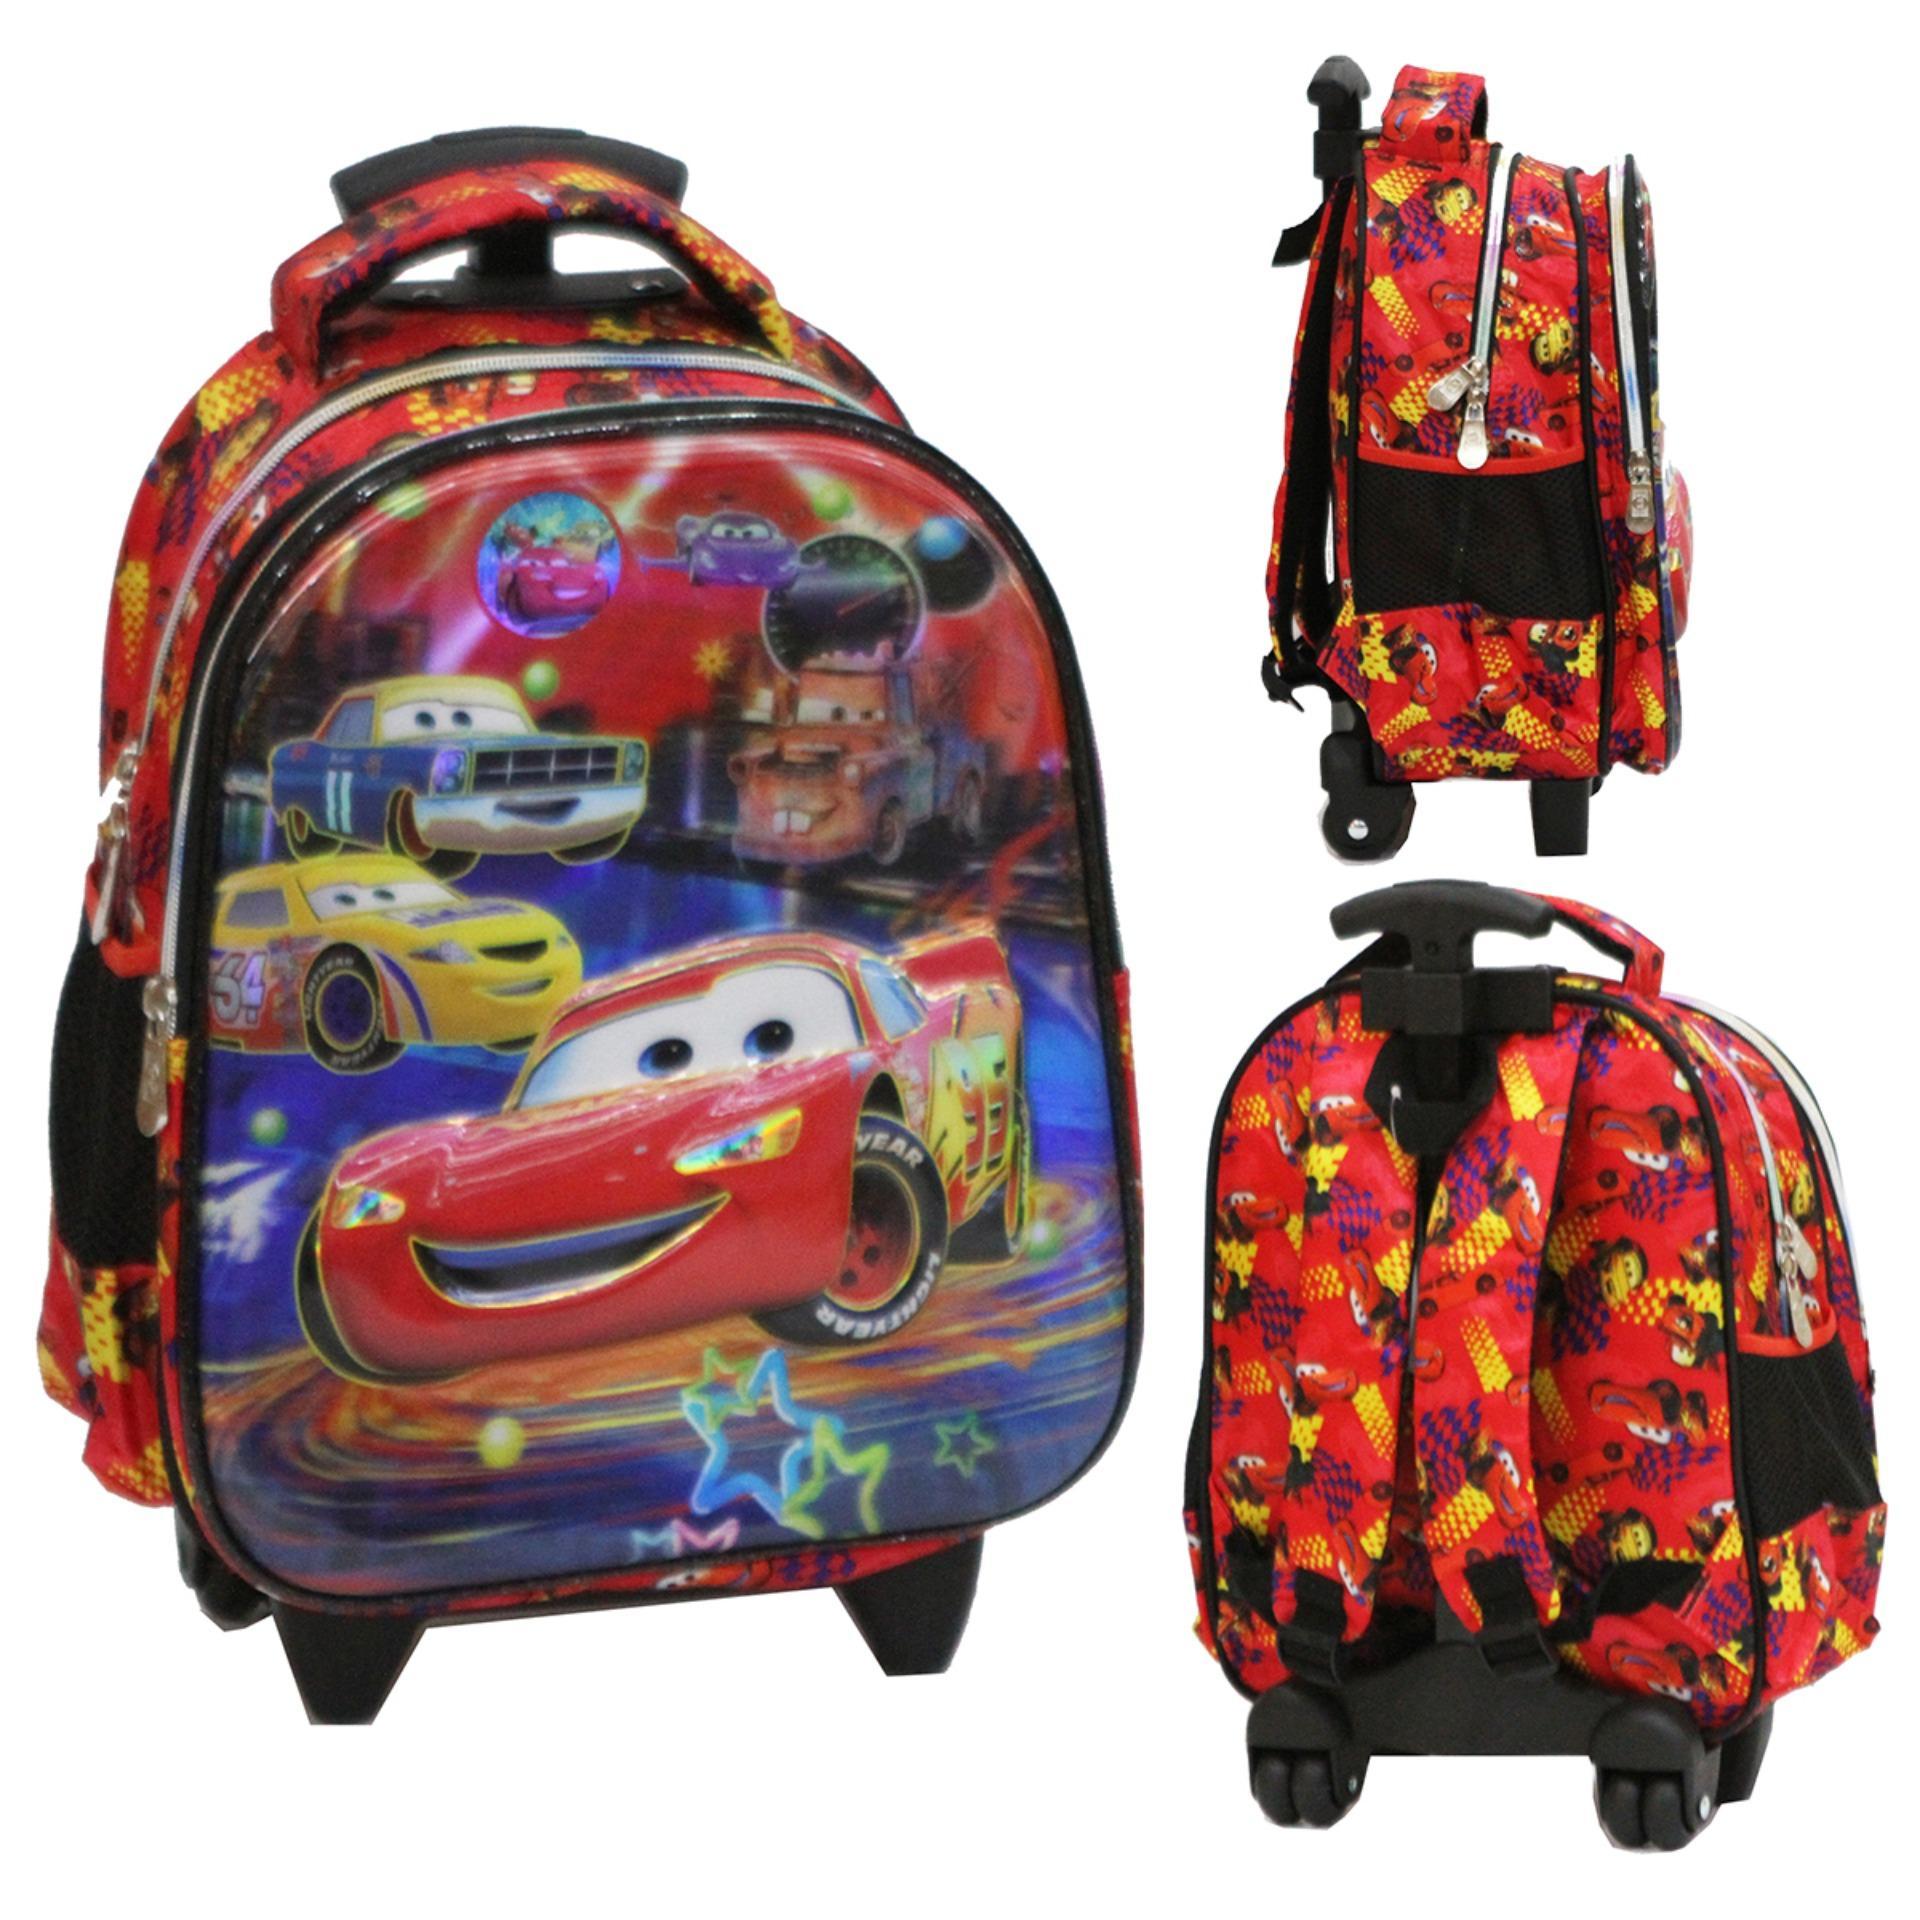 Spesifikasi Onlan Tas Trolley Anak Sekolah Tk Pg Import Karakter Anak Laki Laki Murah